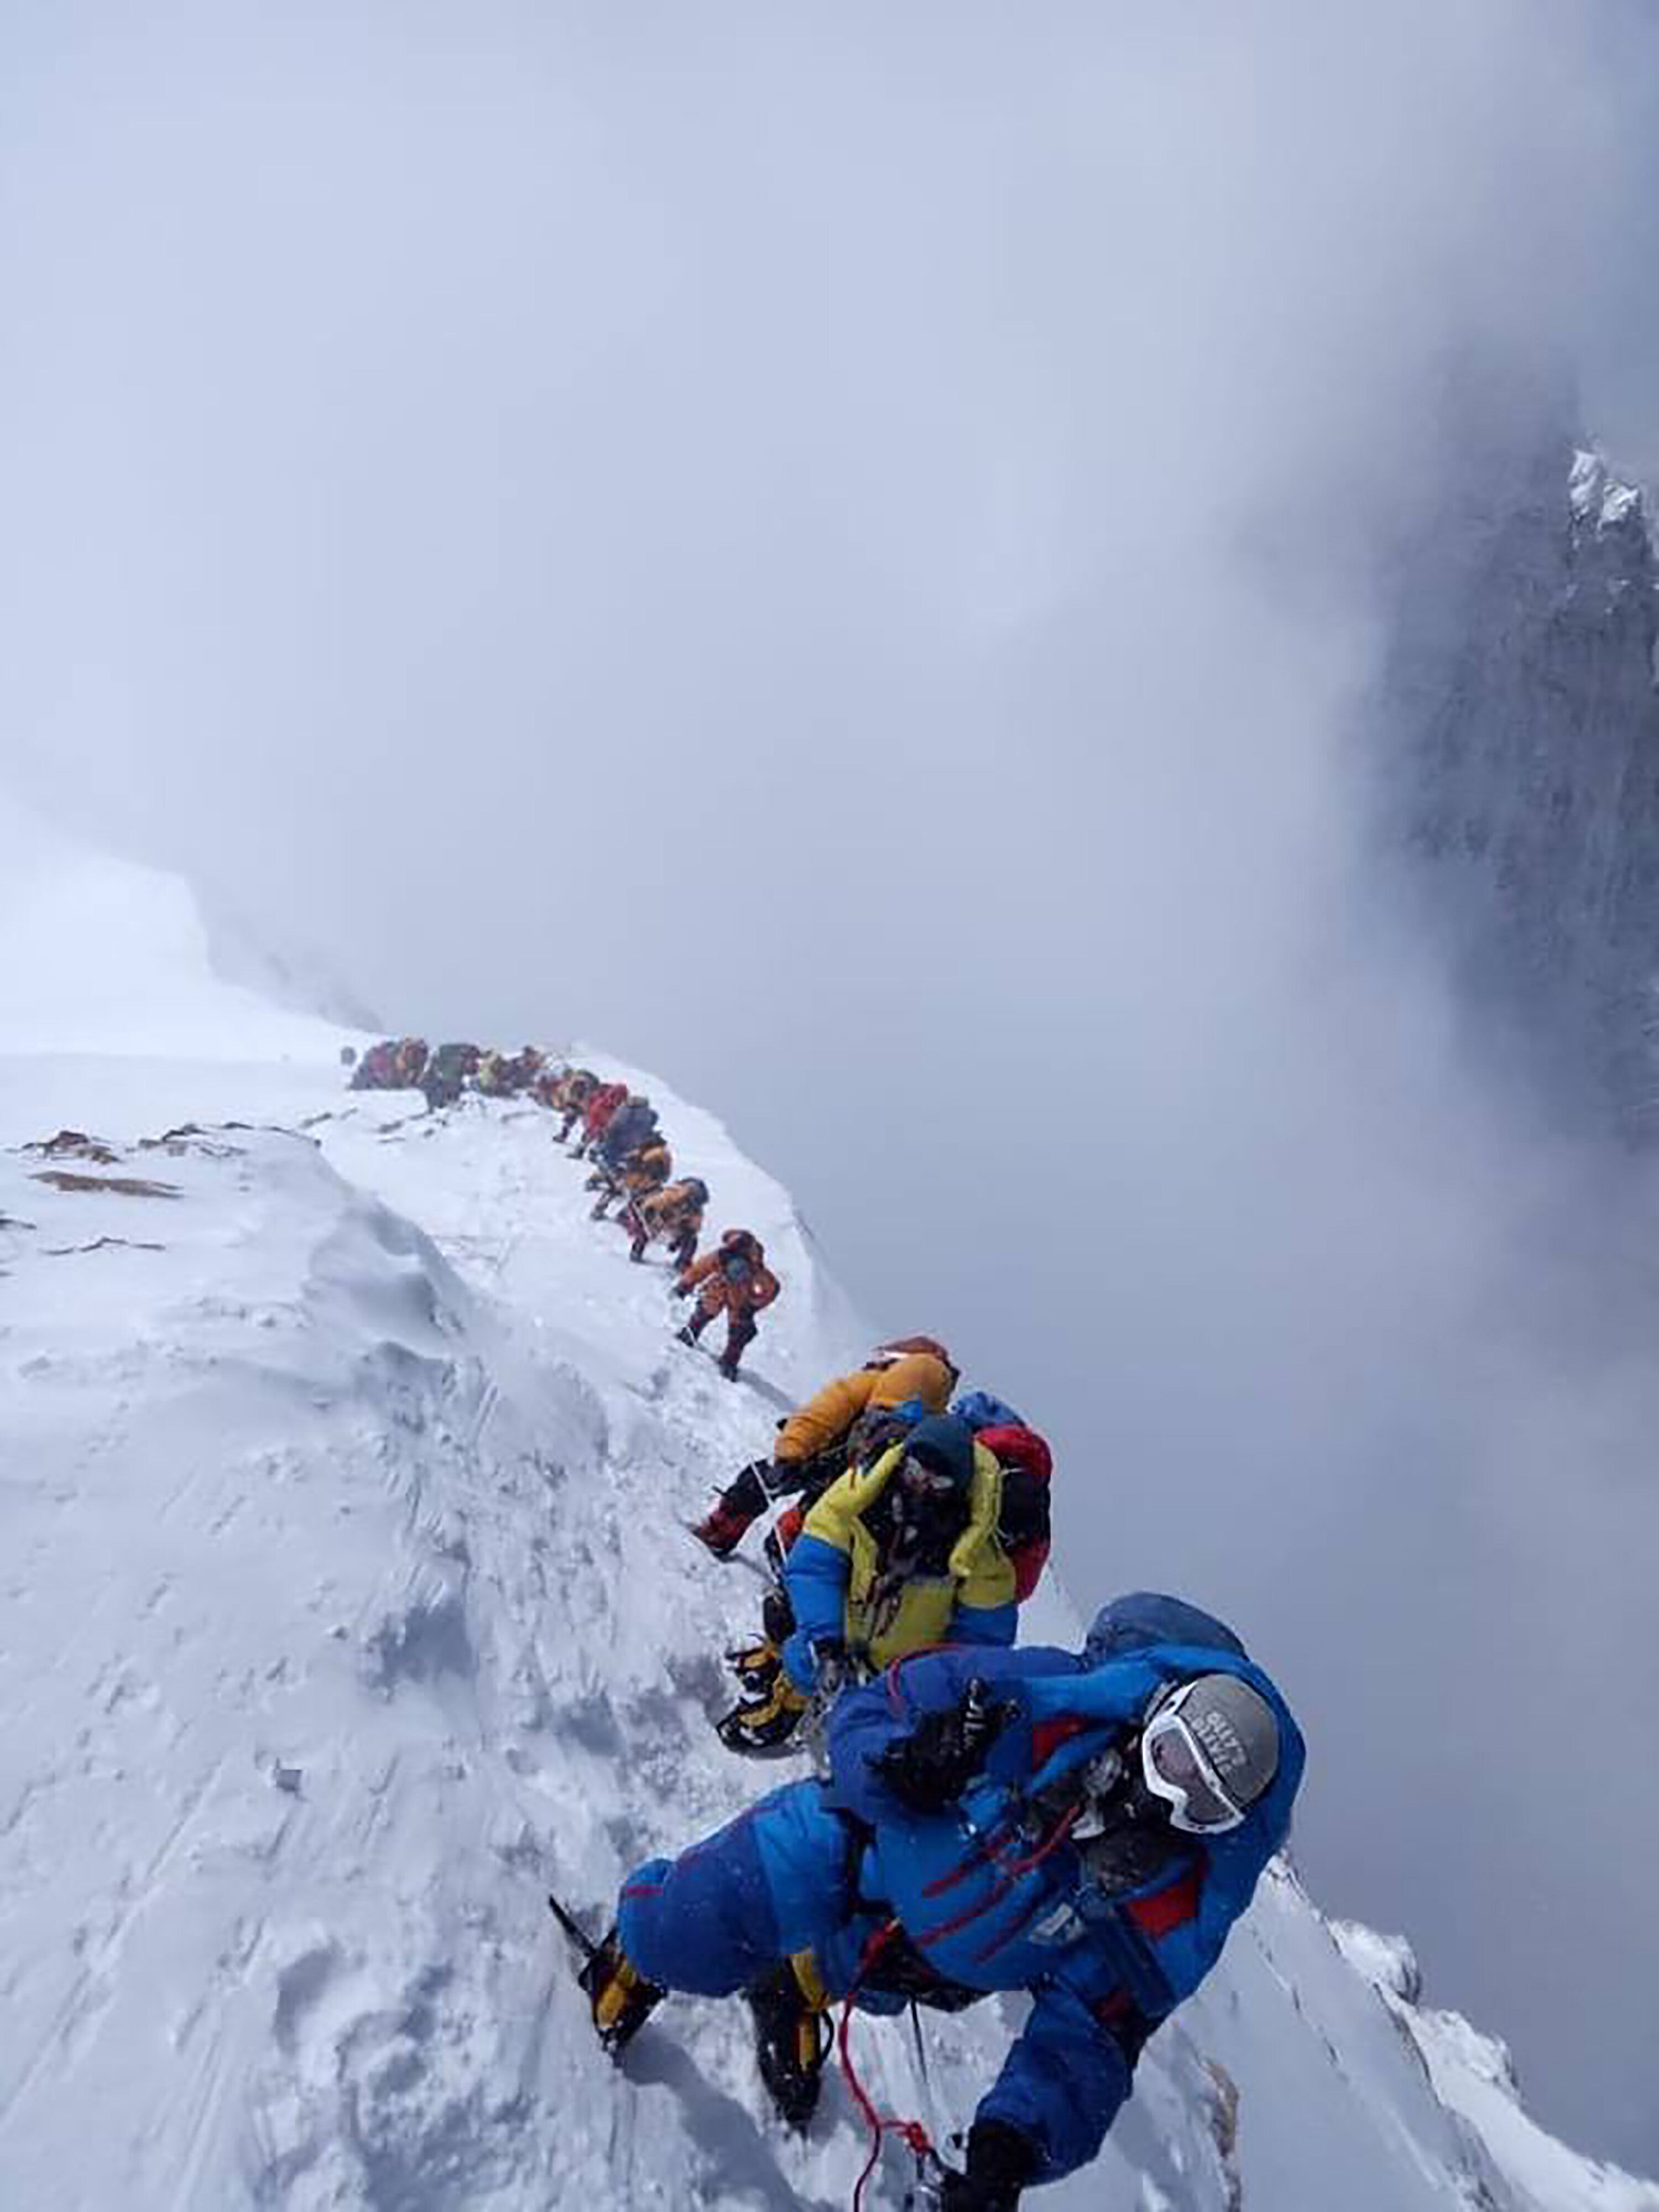 Εβερεστ: Ορειβάτες πεθαίνουν στην αναμονή για να ανέβουν στην